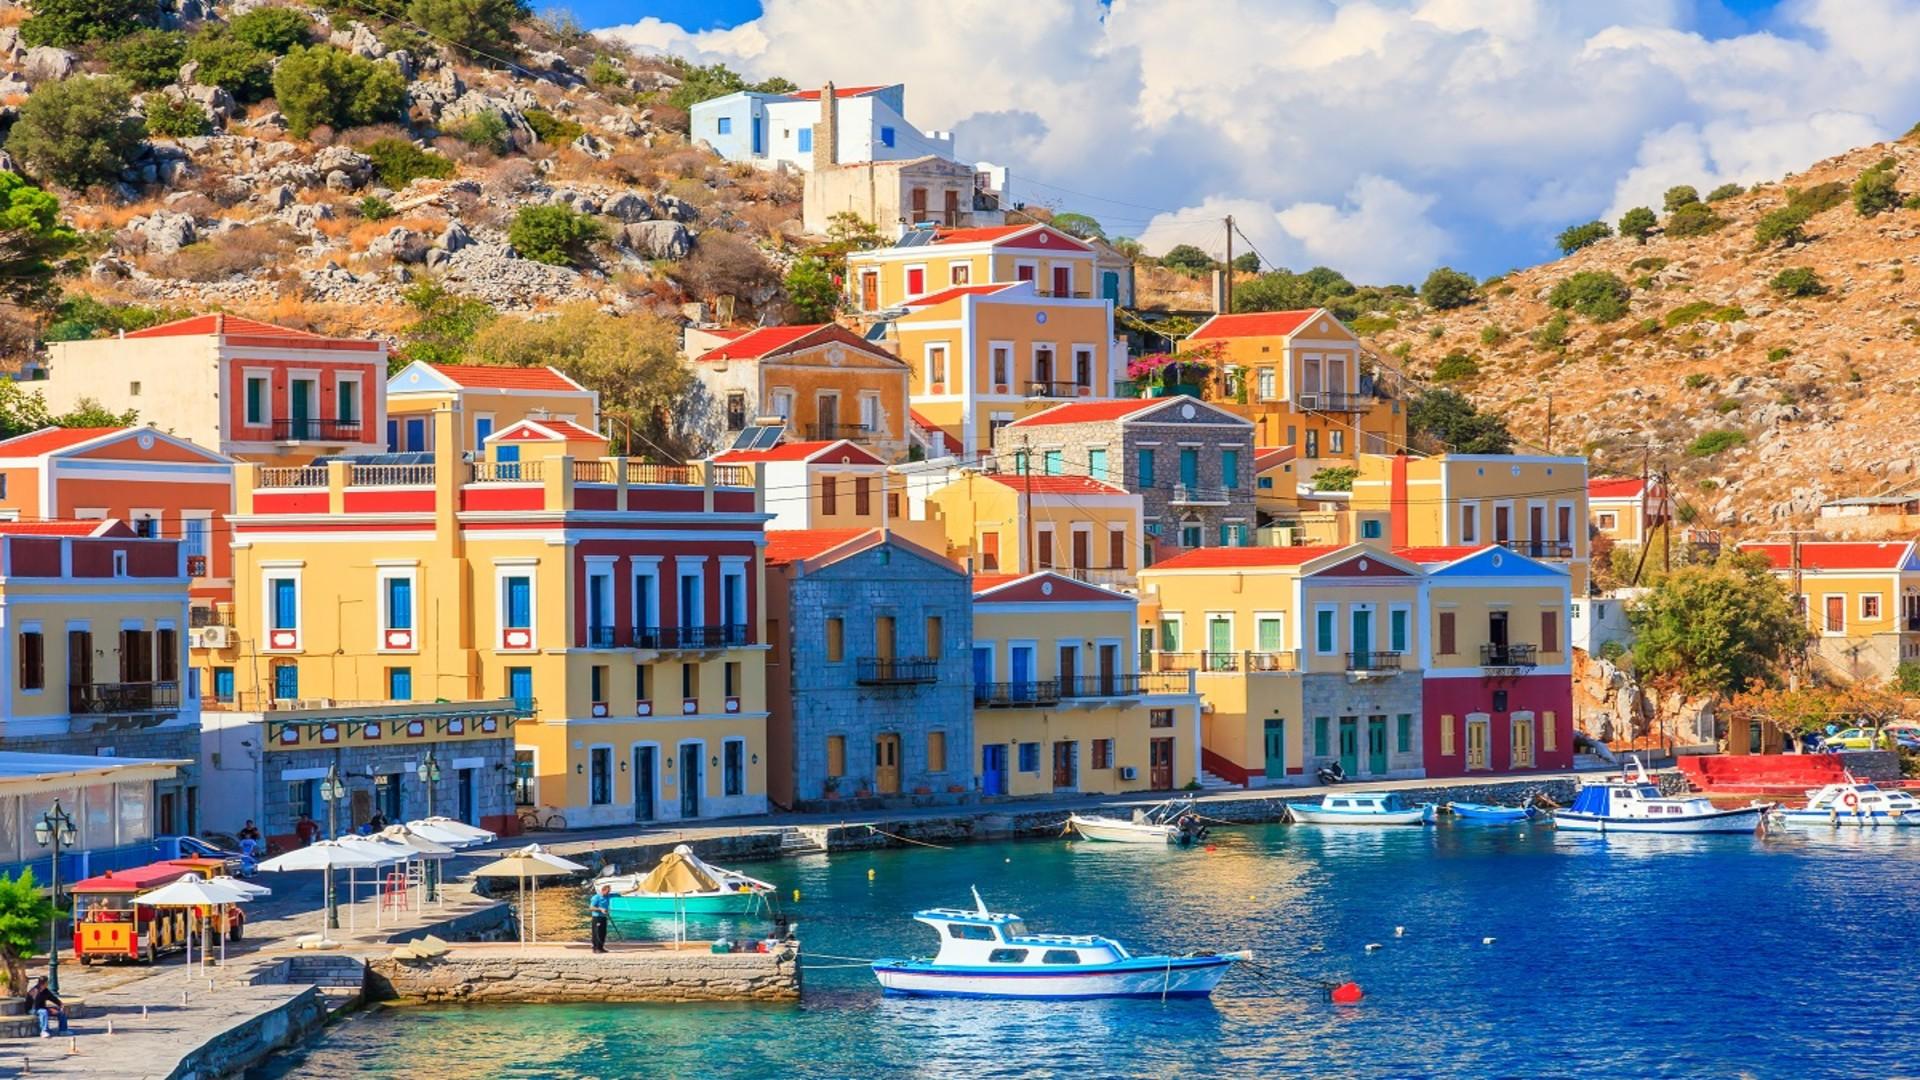 De haven van Symi, Griekenland, gekleurde huisje tegen een heuvel, water en bootjes